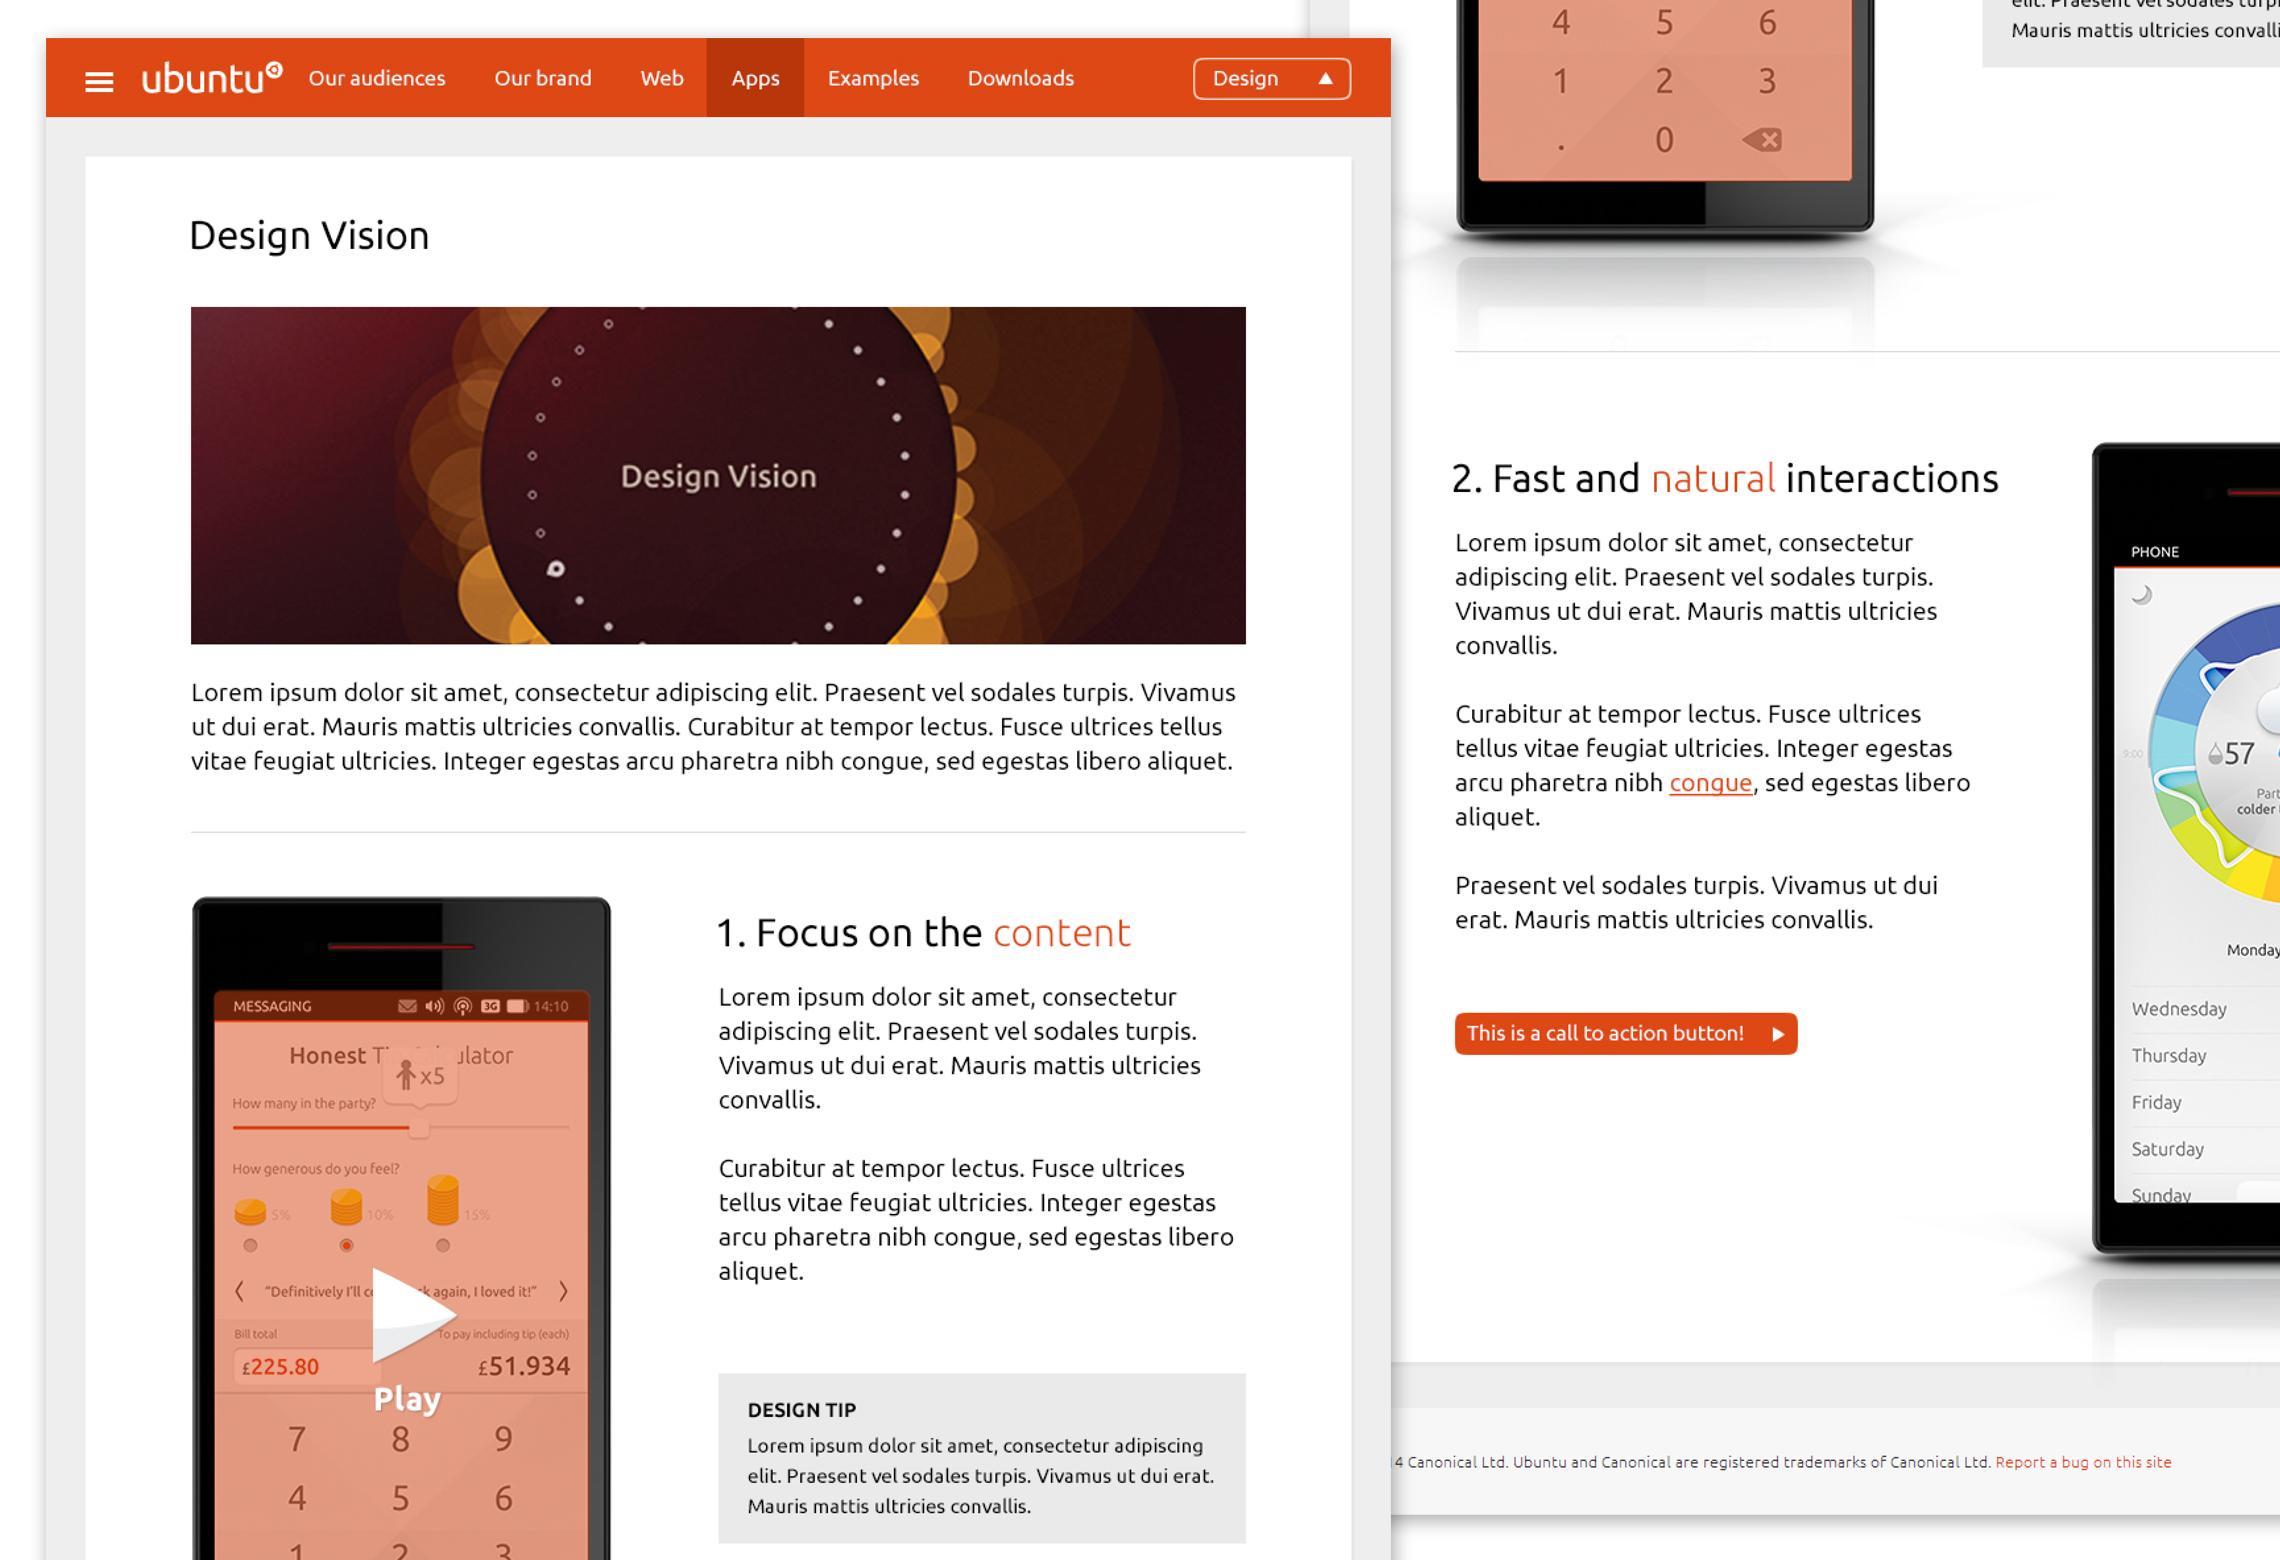 ubuntu-guide01